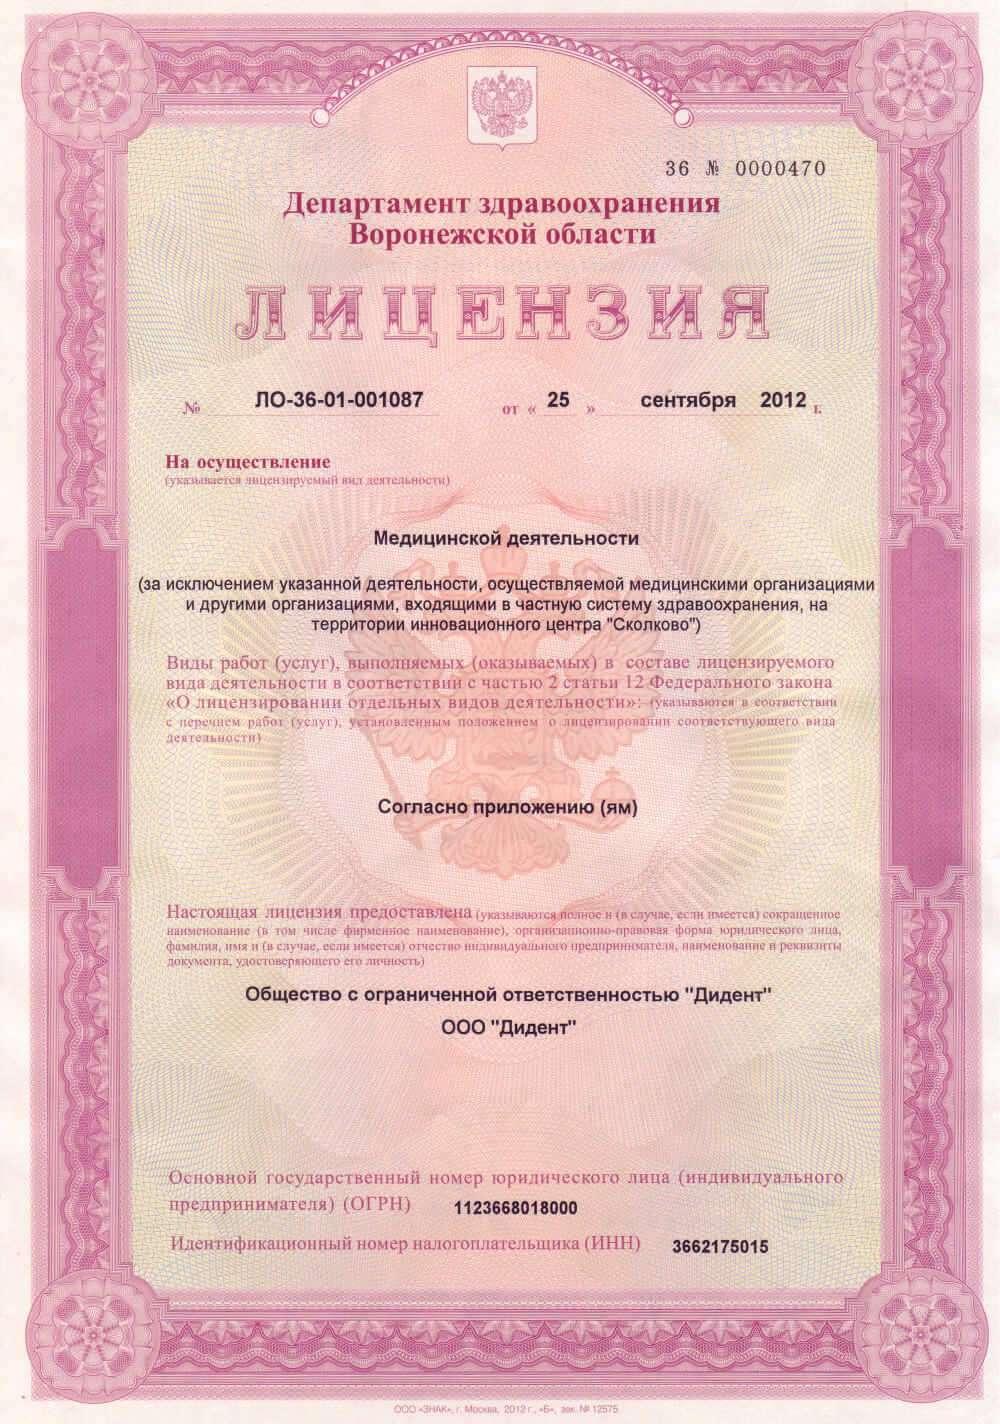 Лицензия стоматологической клиники Диднет